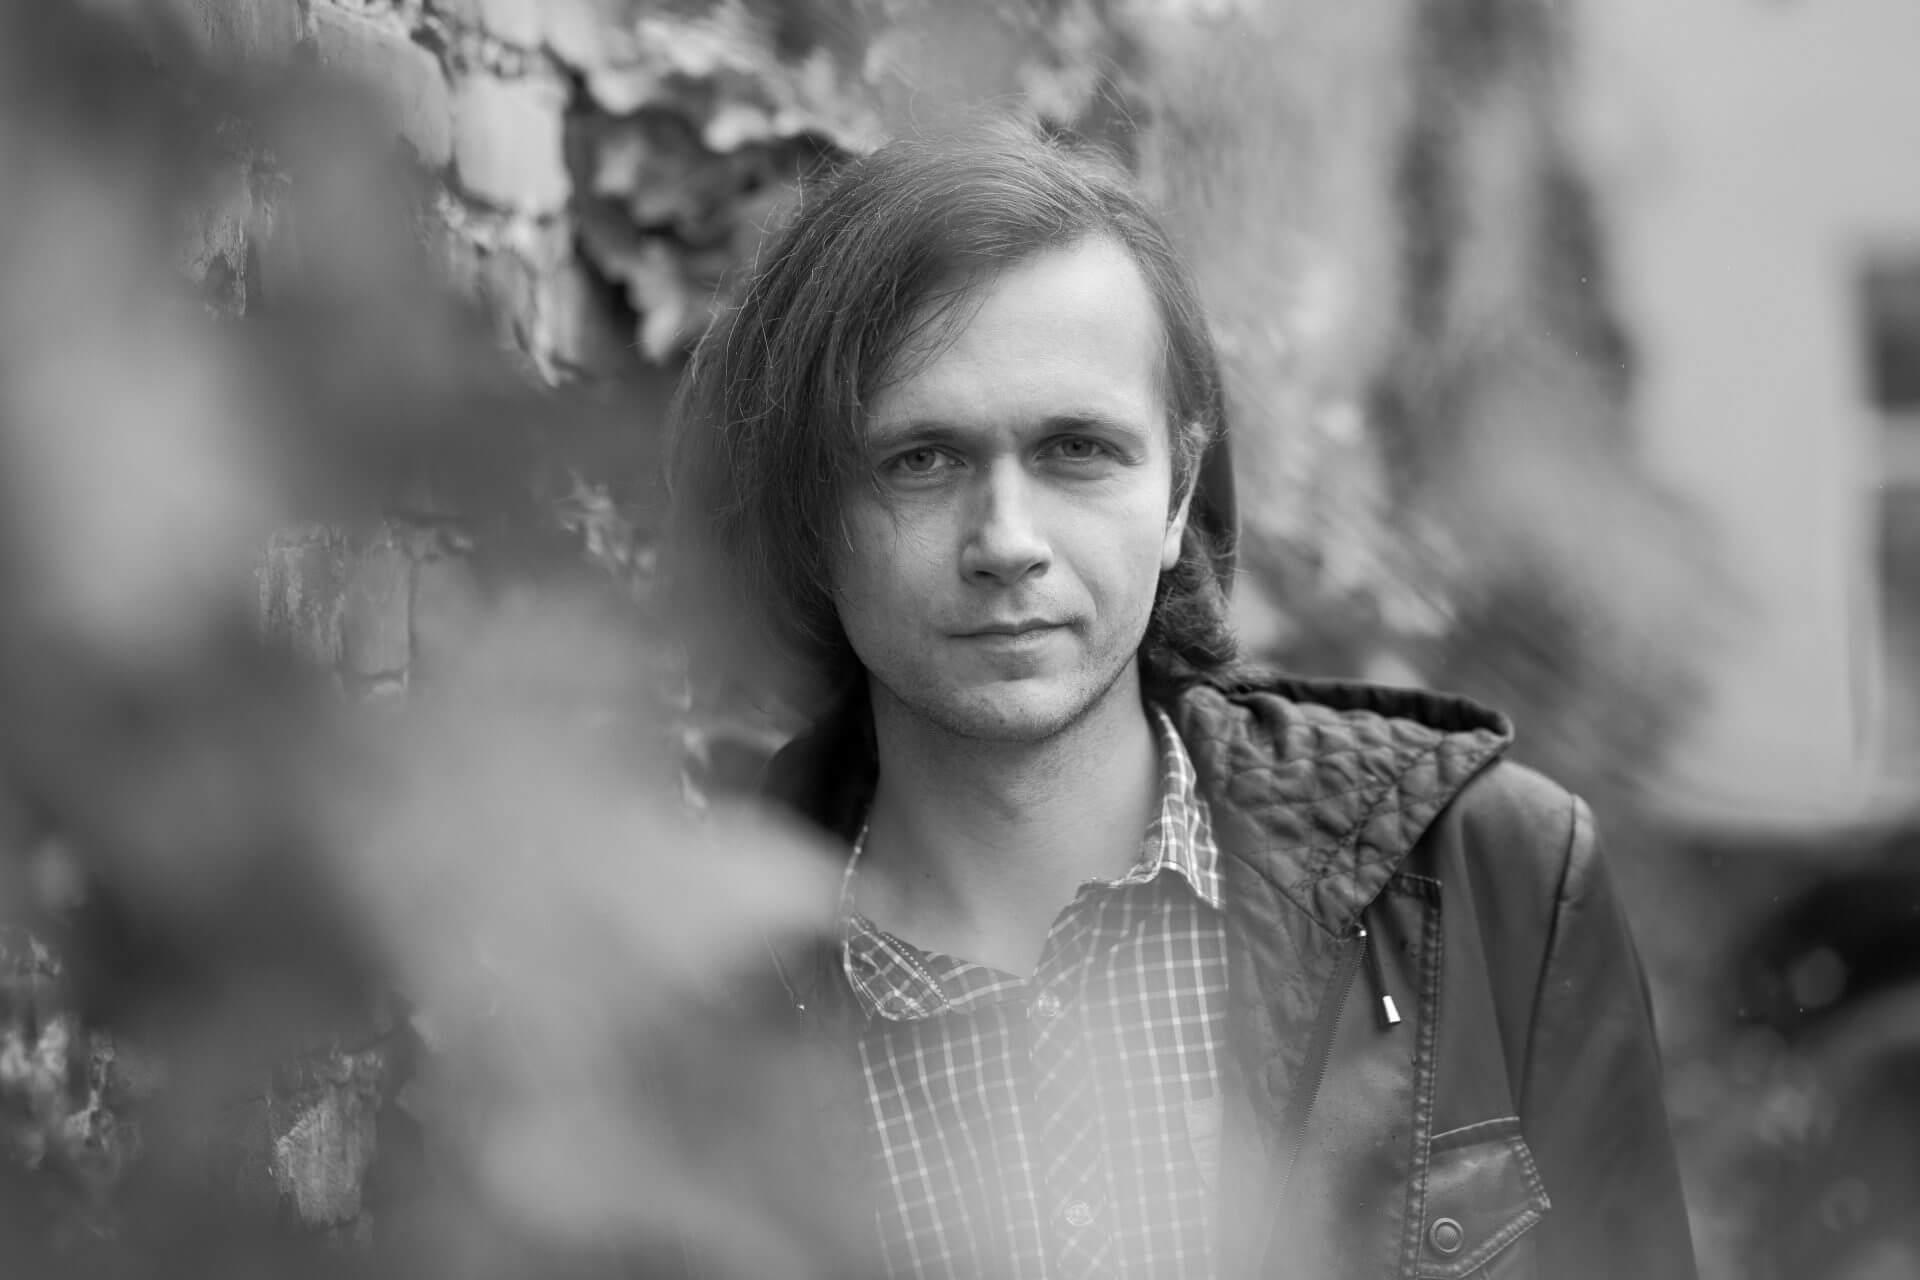 Piotr Grzymałowski